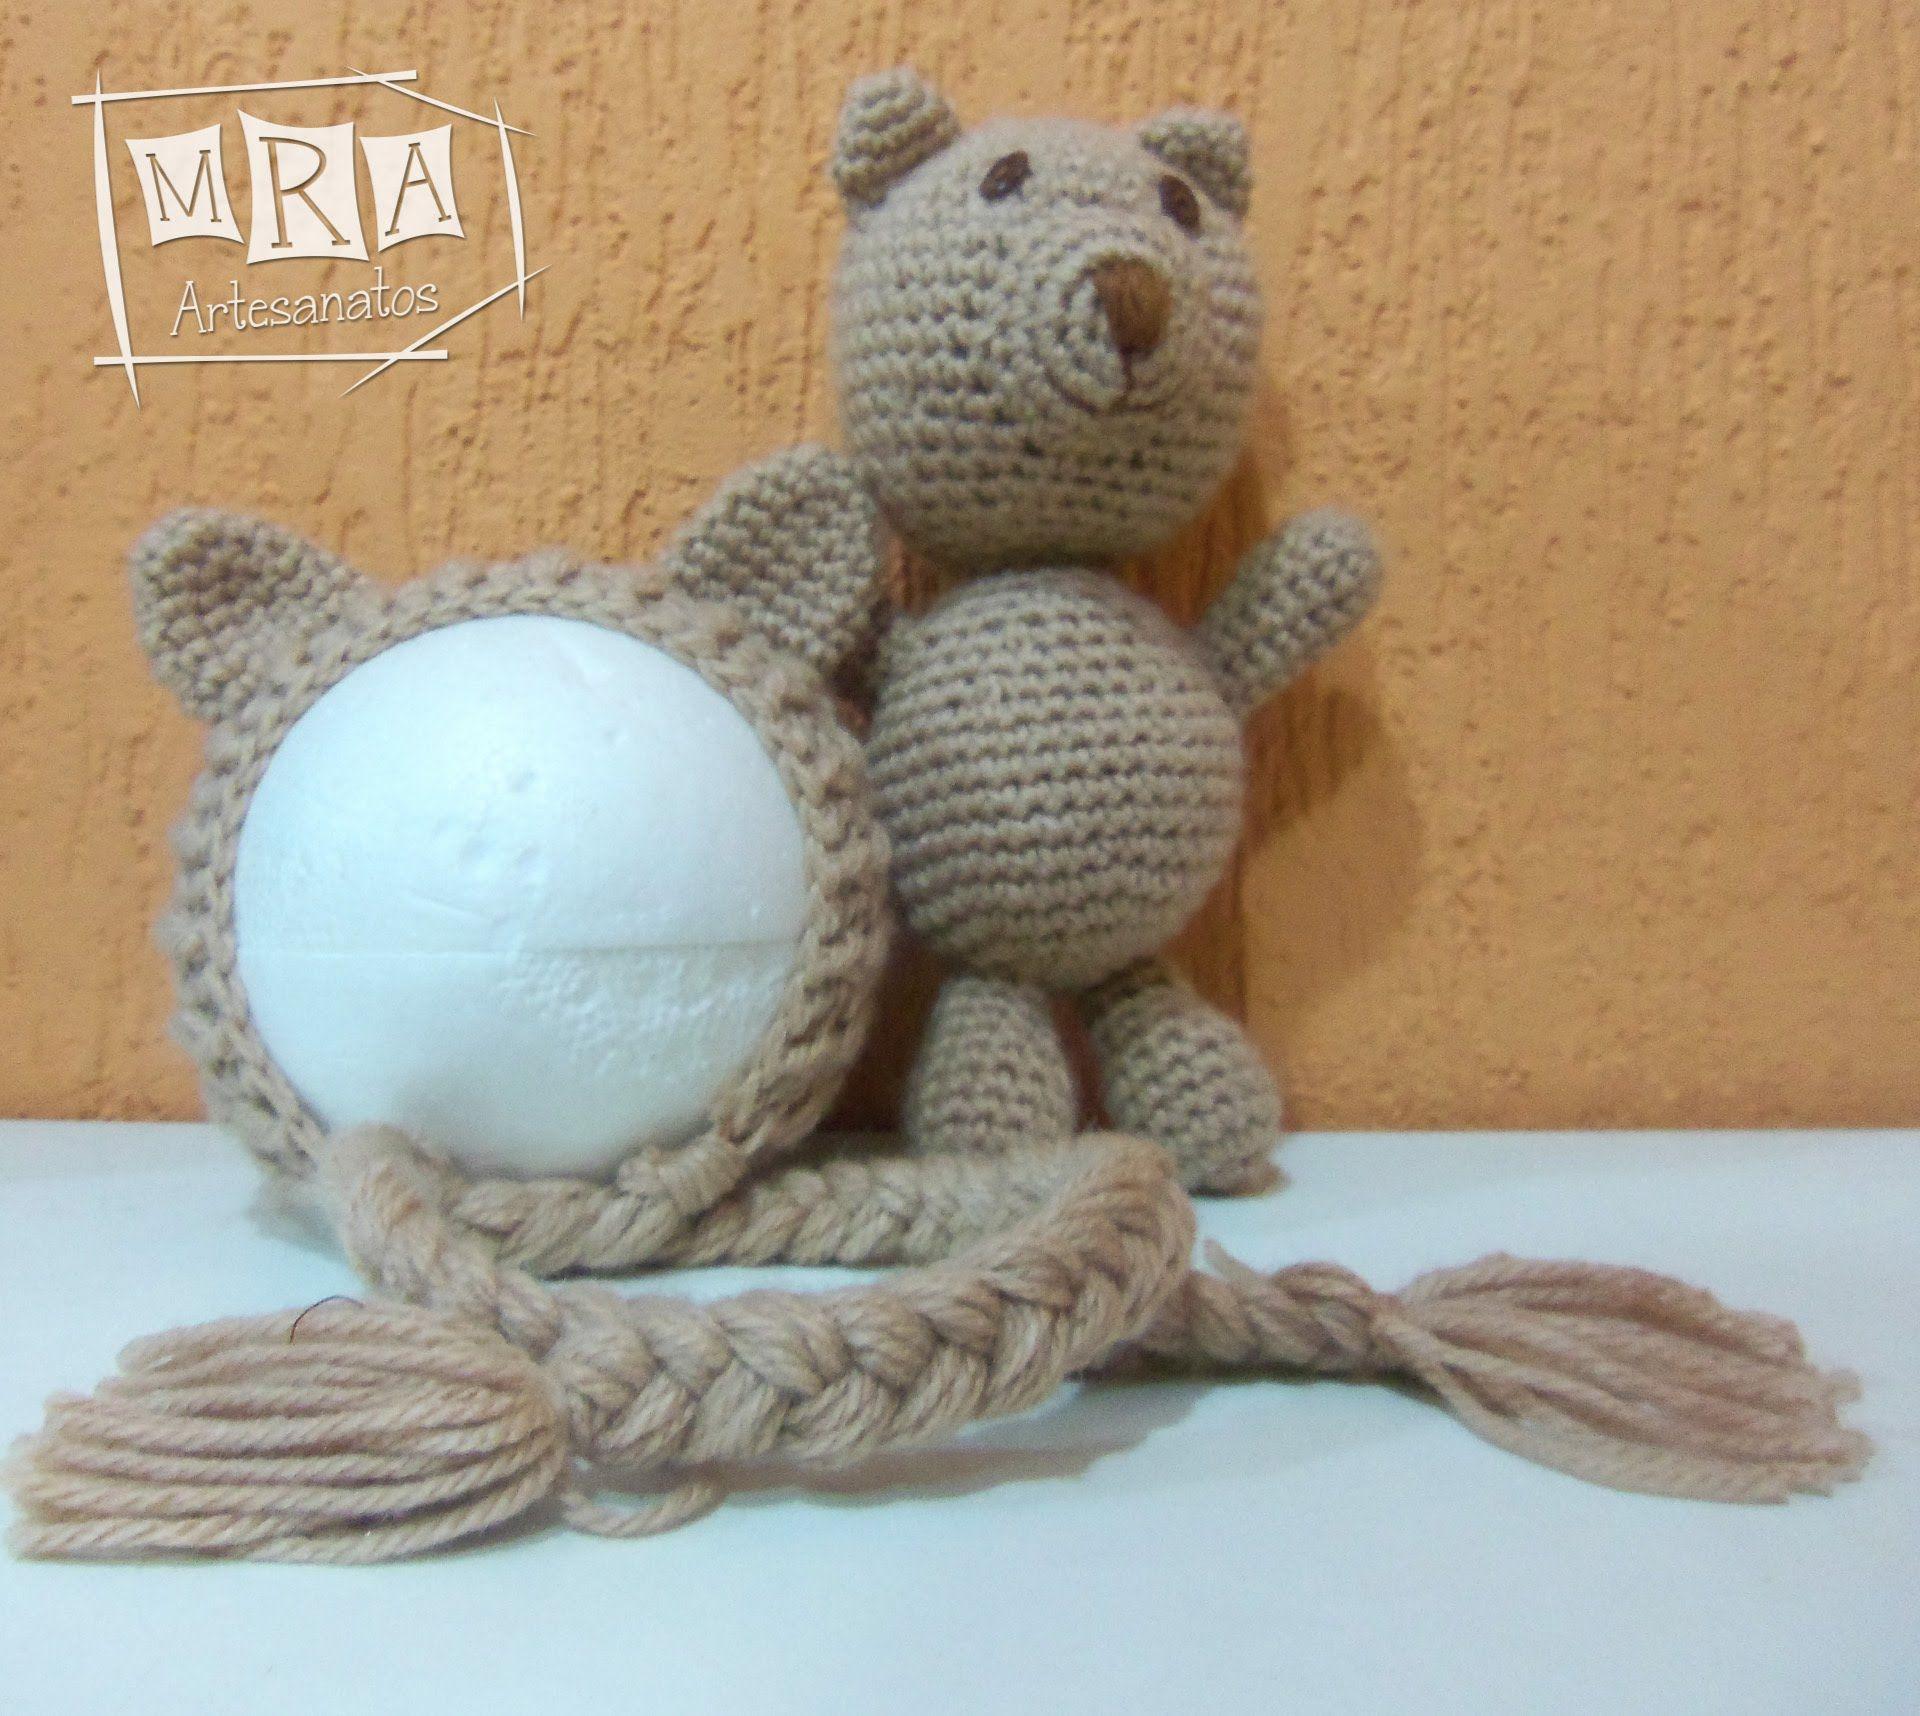 Vídeo aula ensinando a fazer um lindo kit de ursinho contendo uma touca e  um amigurumi de ursinho. Materiais utilizados foram  - Agulhas soft n° 3 866a9cb29c3